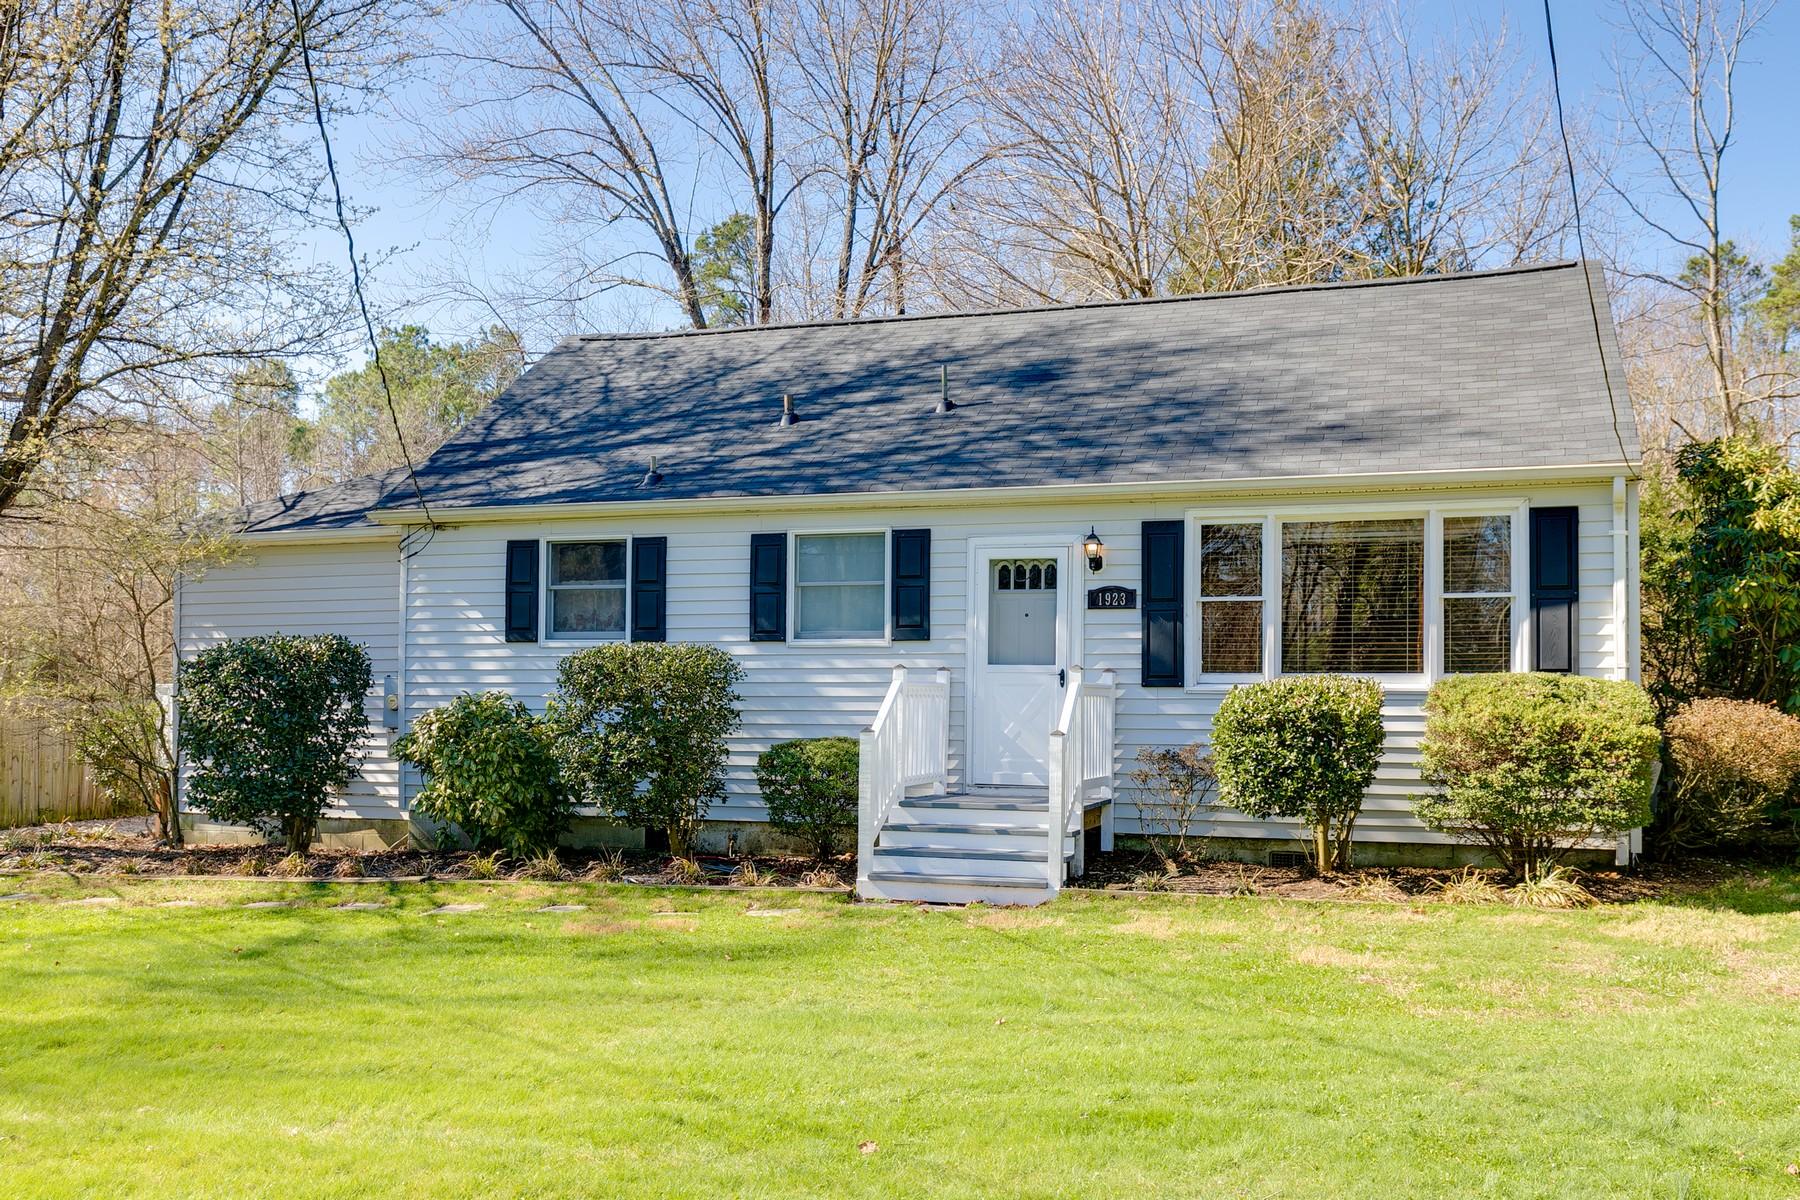 独户住宅 为 销售 在 1923 Washington Street, Henrico Henrico, 弗吉尼亚州, 23075 美国